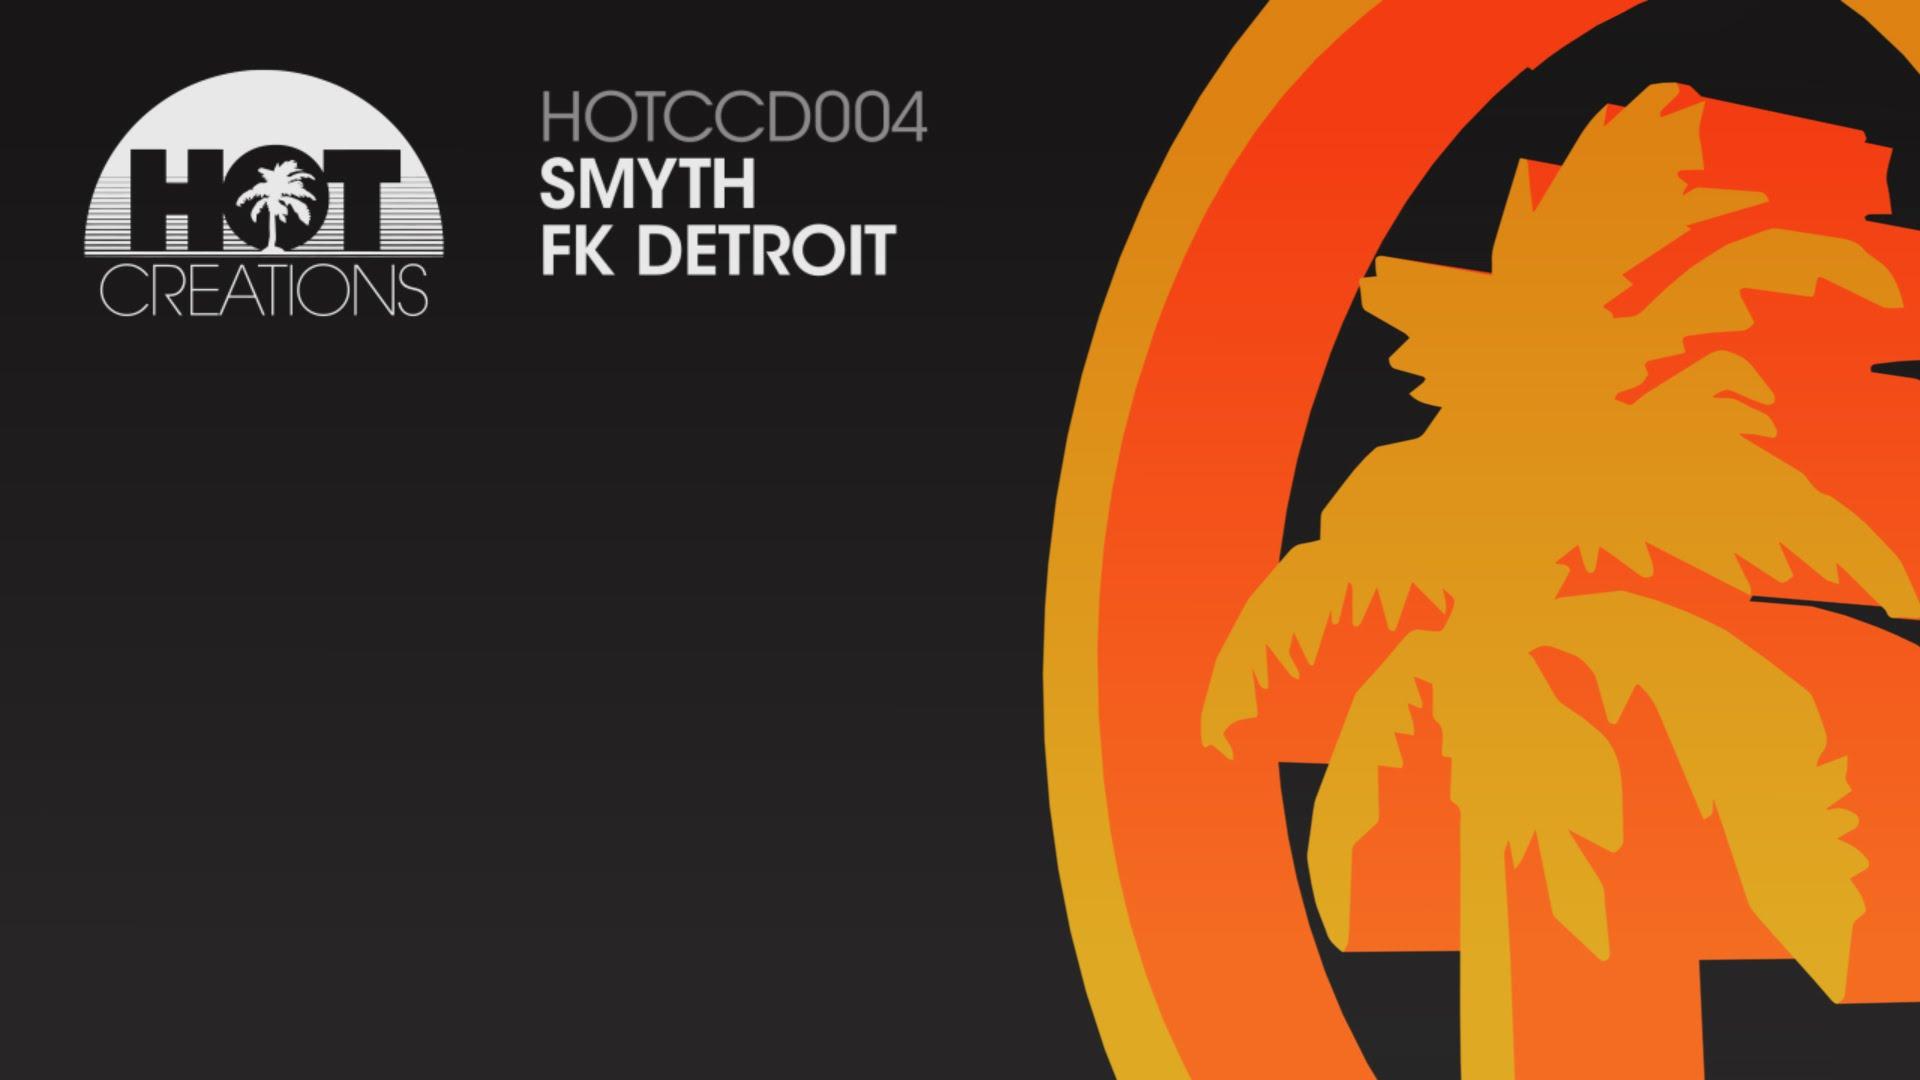 'F**k Detroit' - Smyth